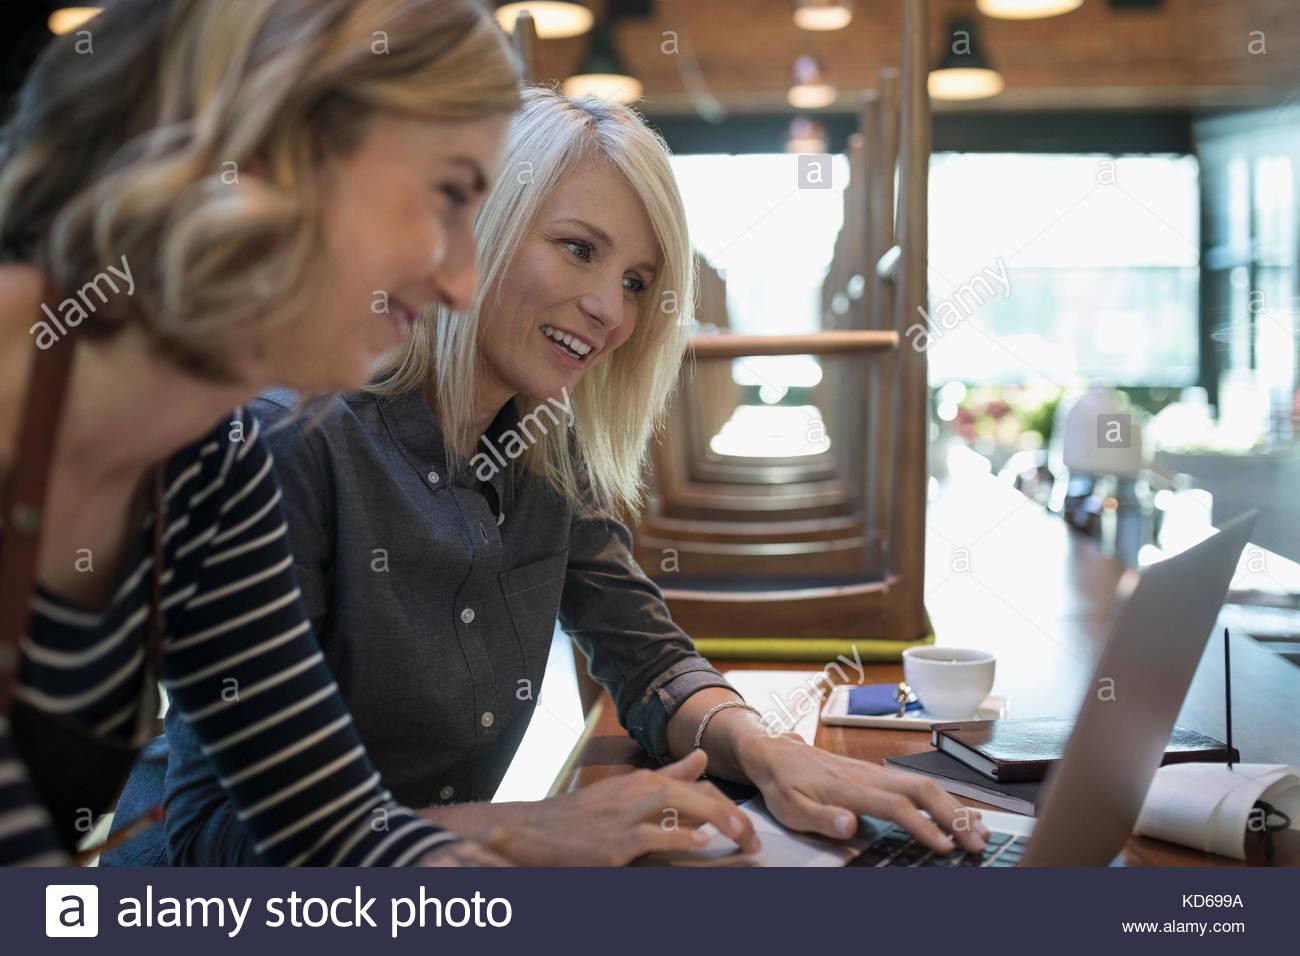 Los dueños de negocios Cafetería femenina trabaja en equipo portátil Imagen De Stock